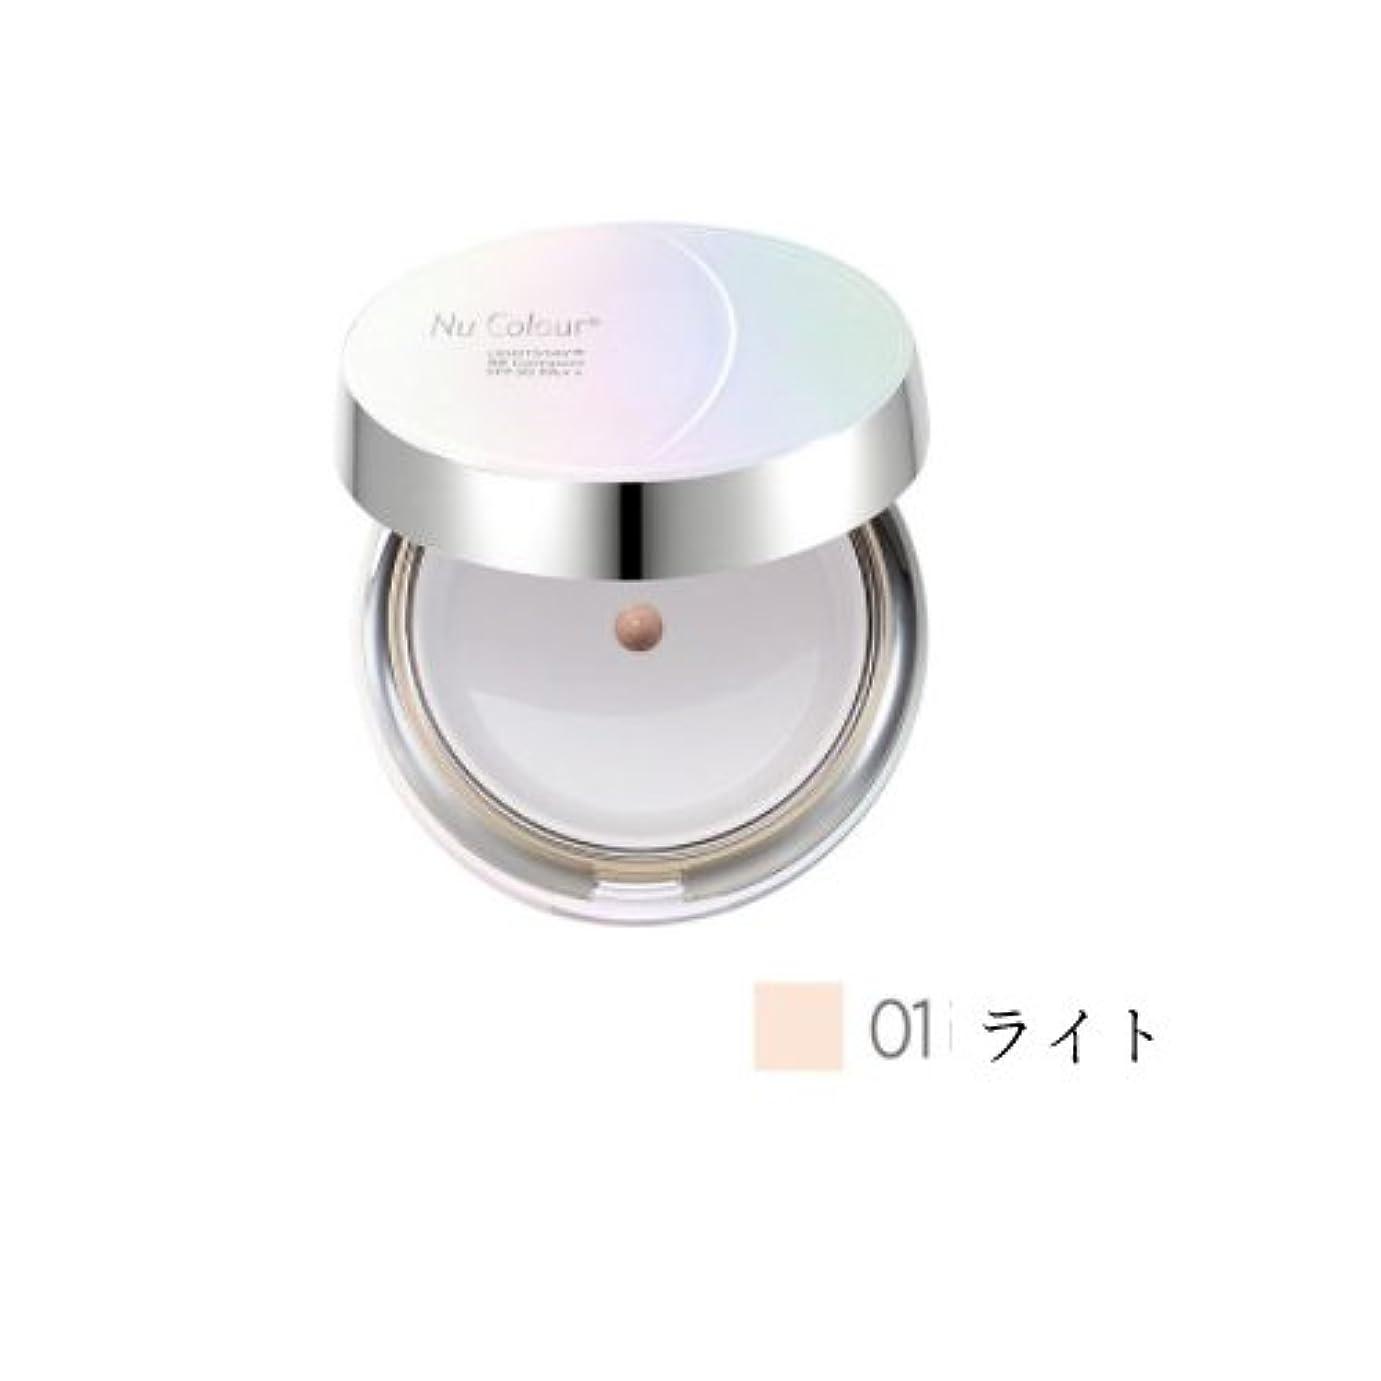 パイその結果ガロンニュースキン ライトステイビビコンパクトSPF30 PA++01ライト BB Compact 01 Light [並行輸入品]